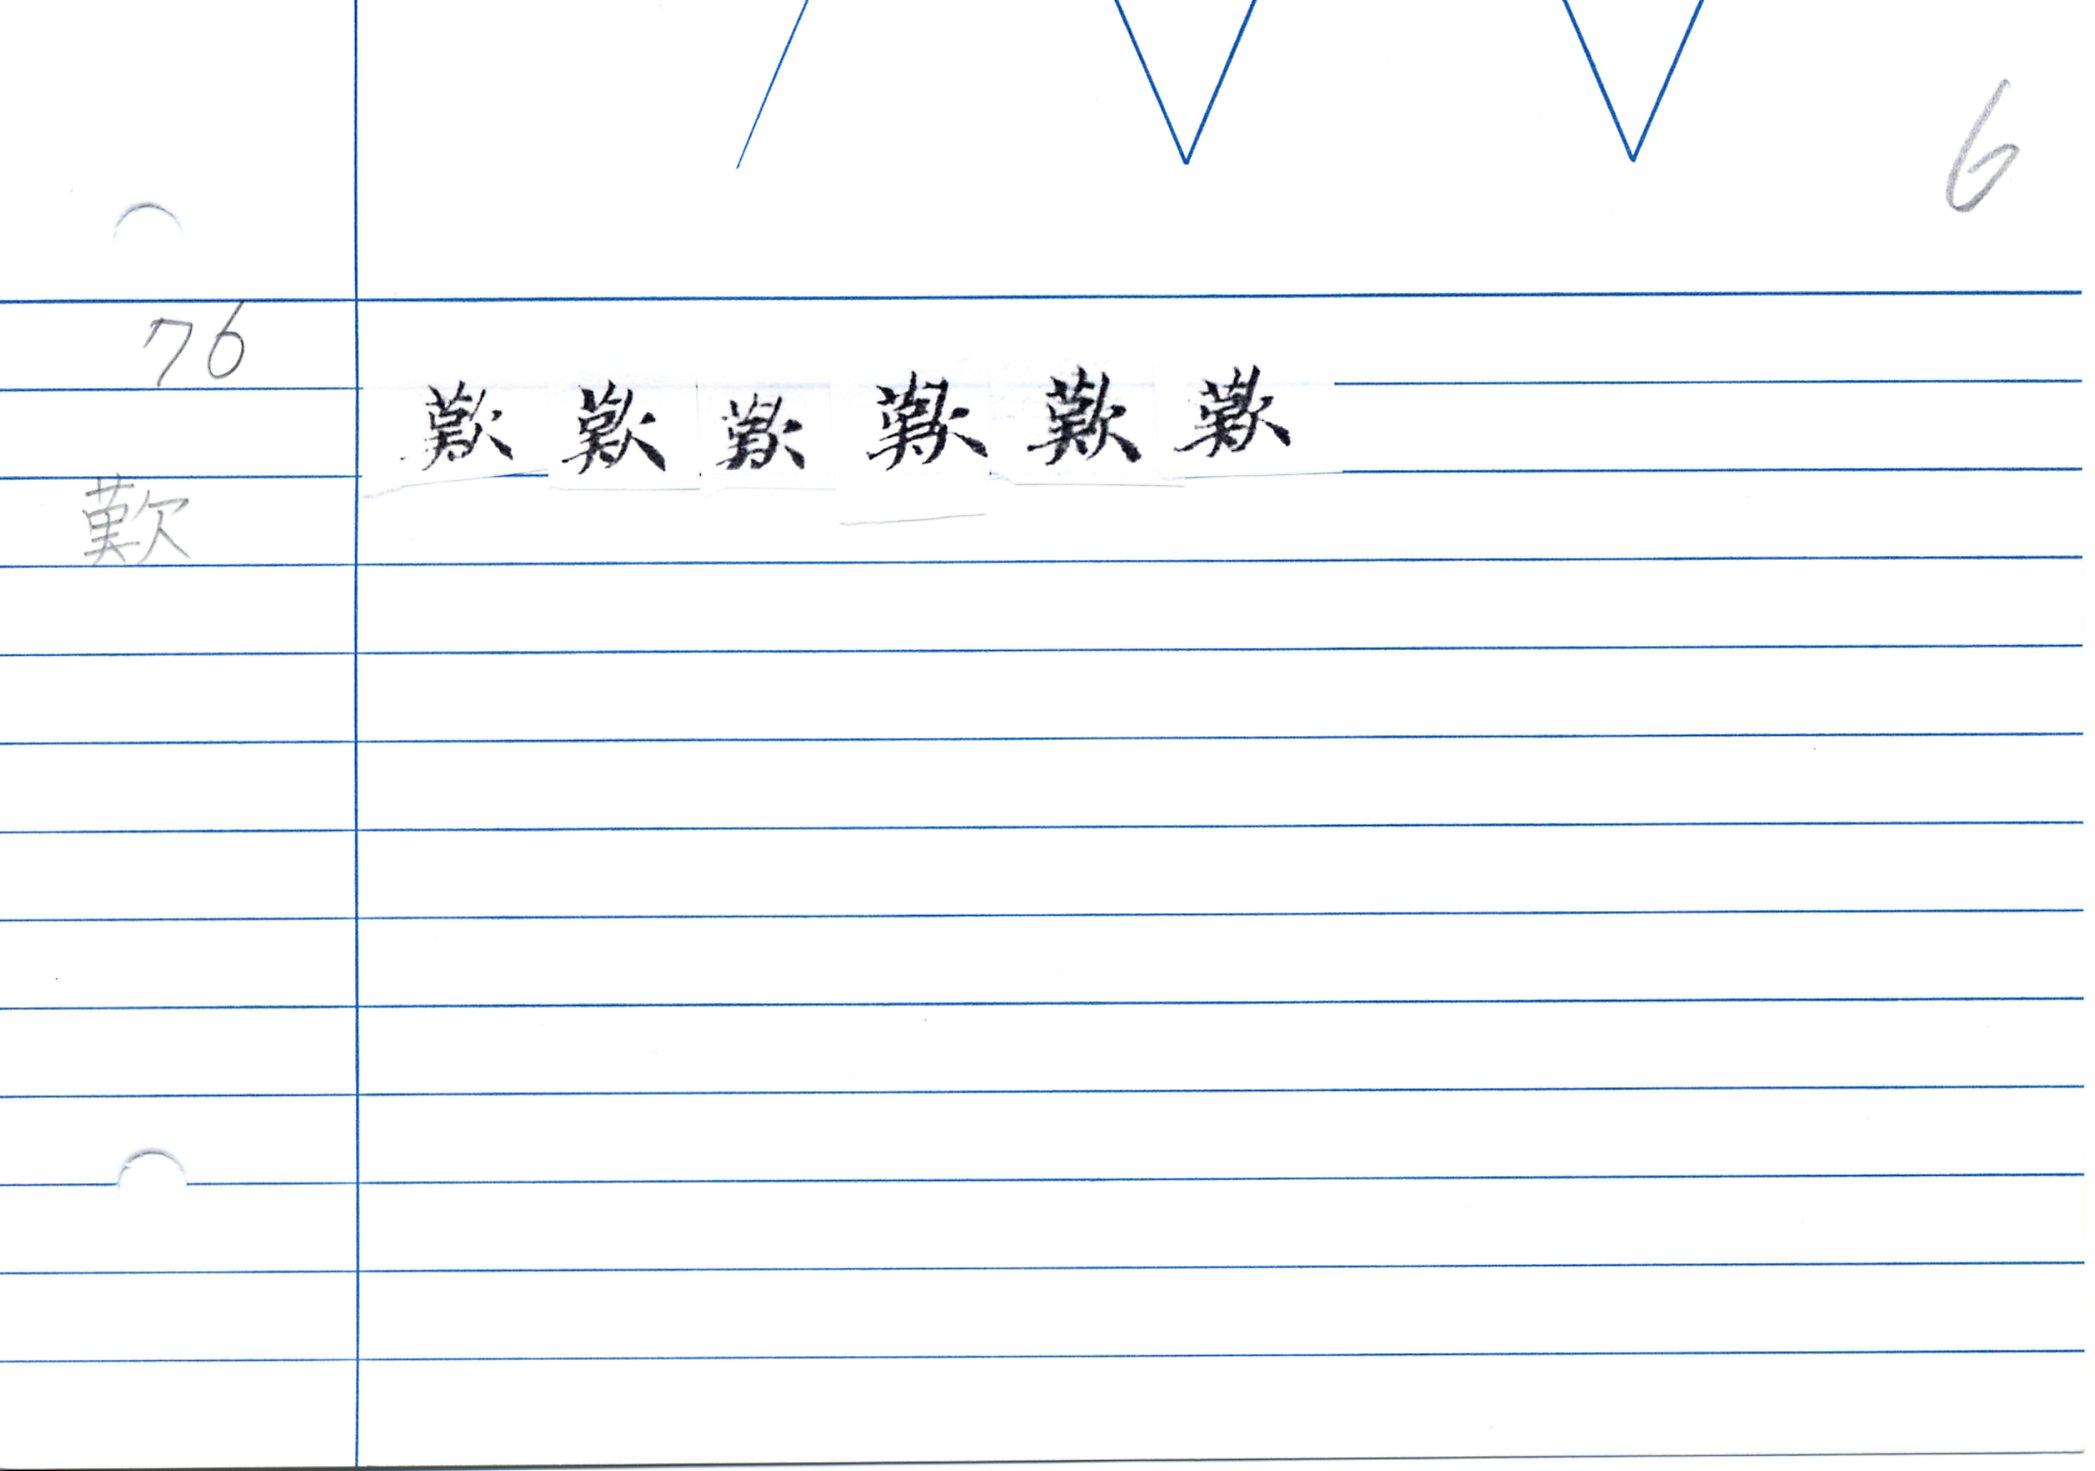 54_大般若經卷二百五十(和銅經)/cards/0126.JPG